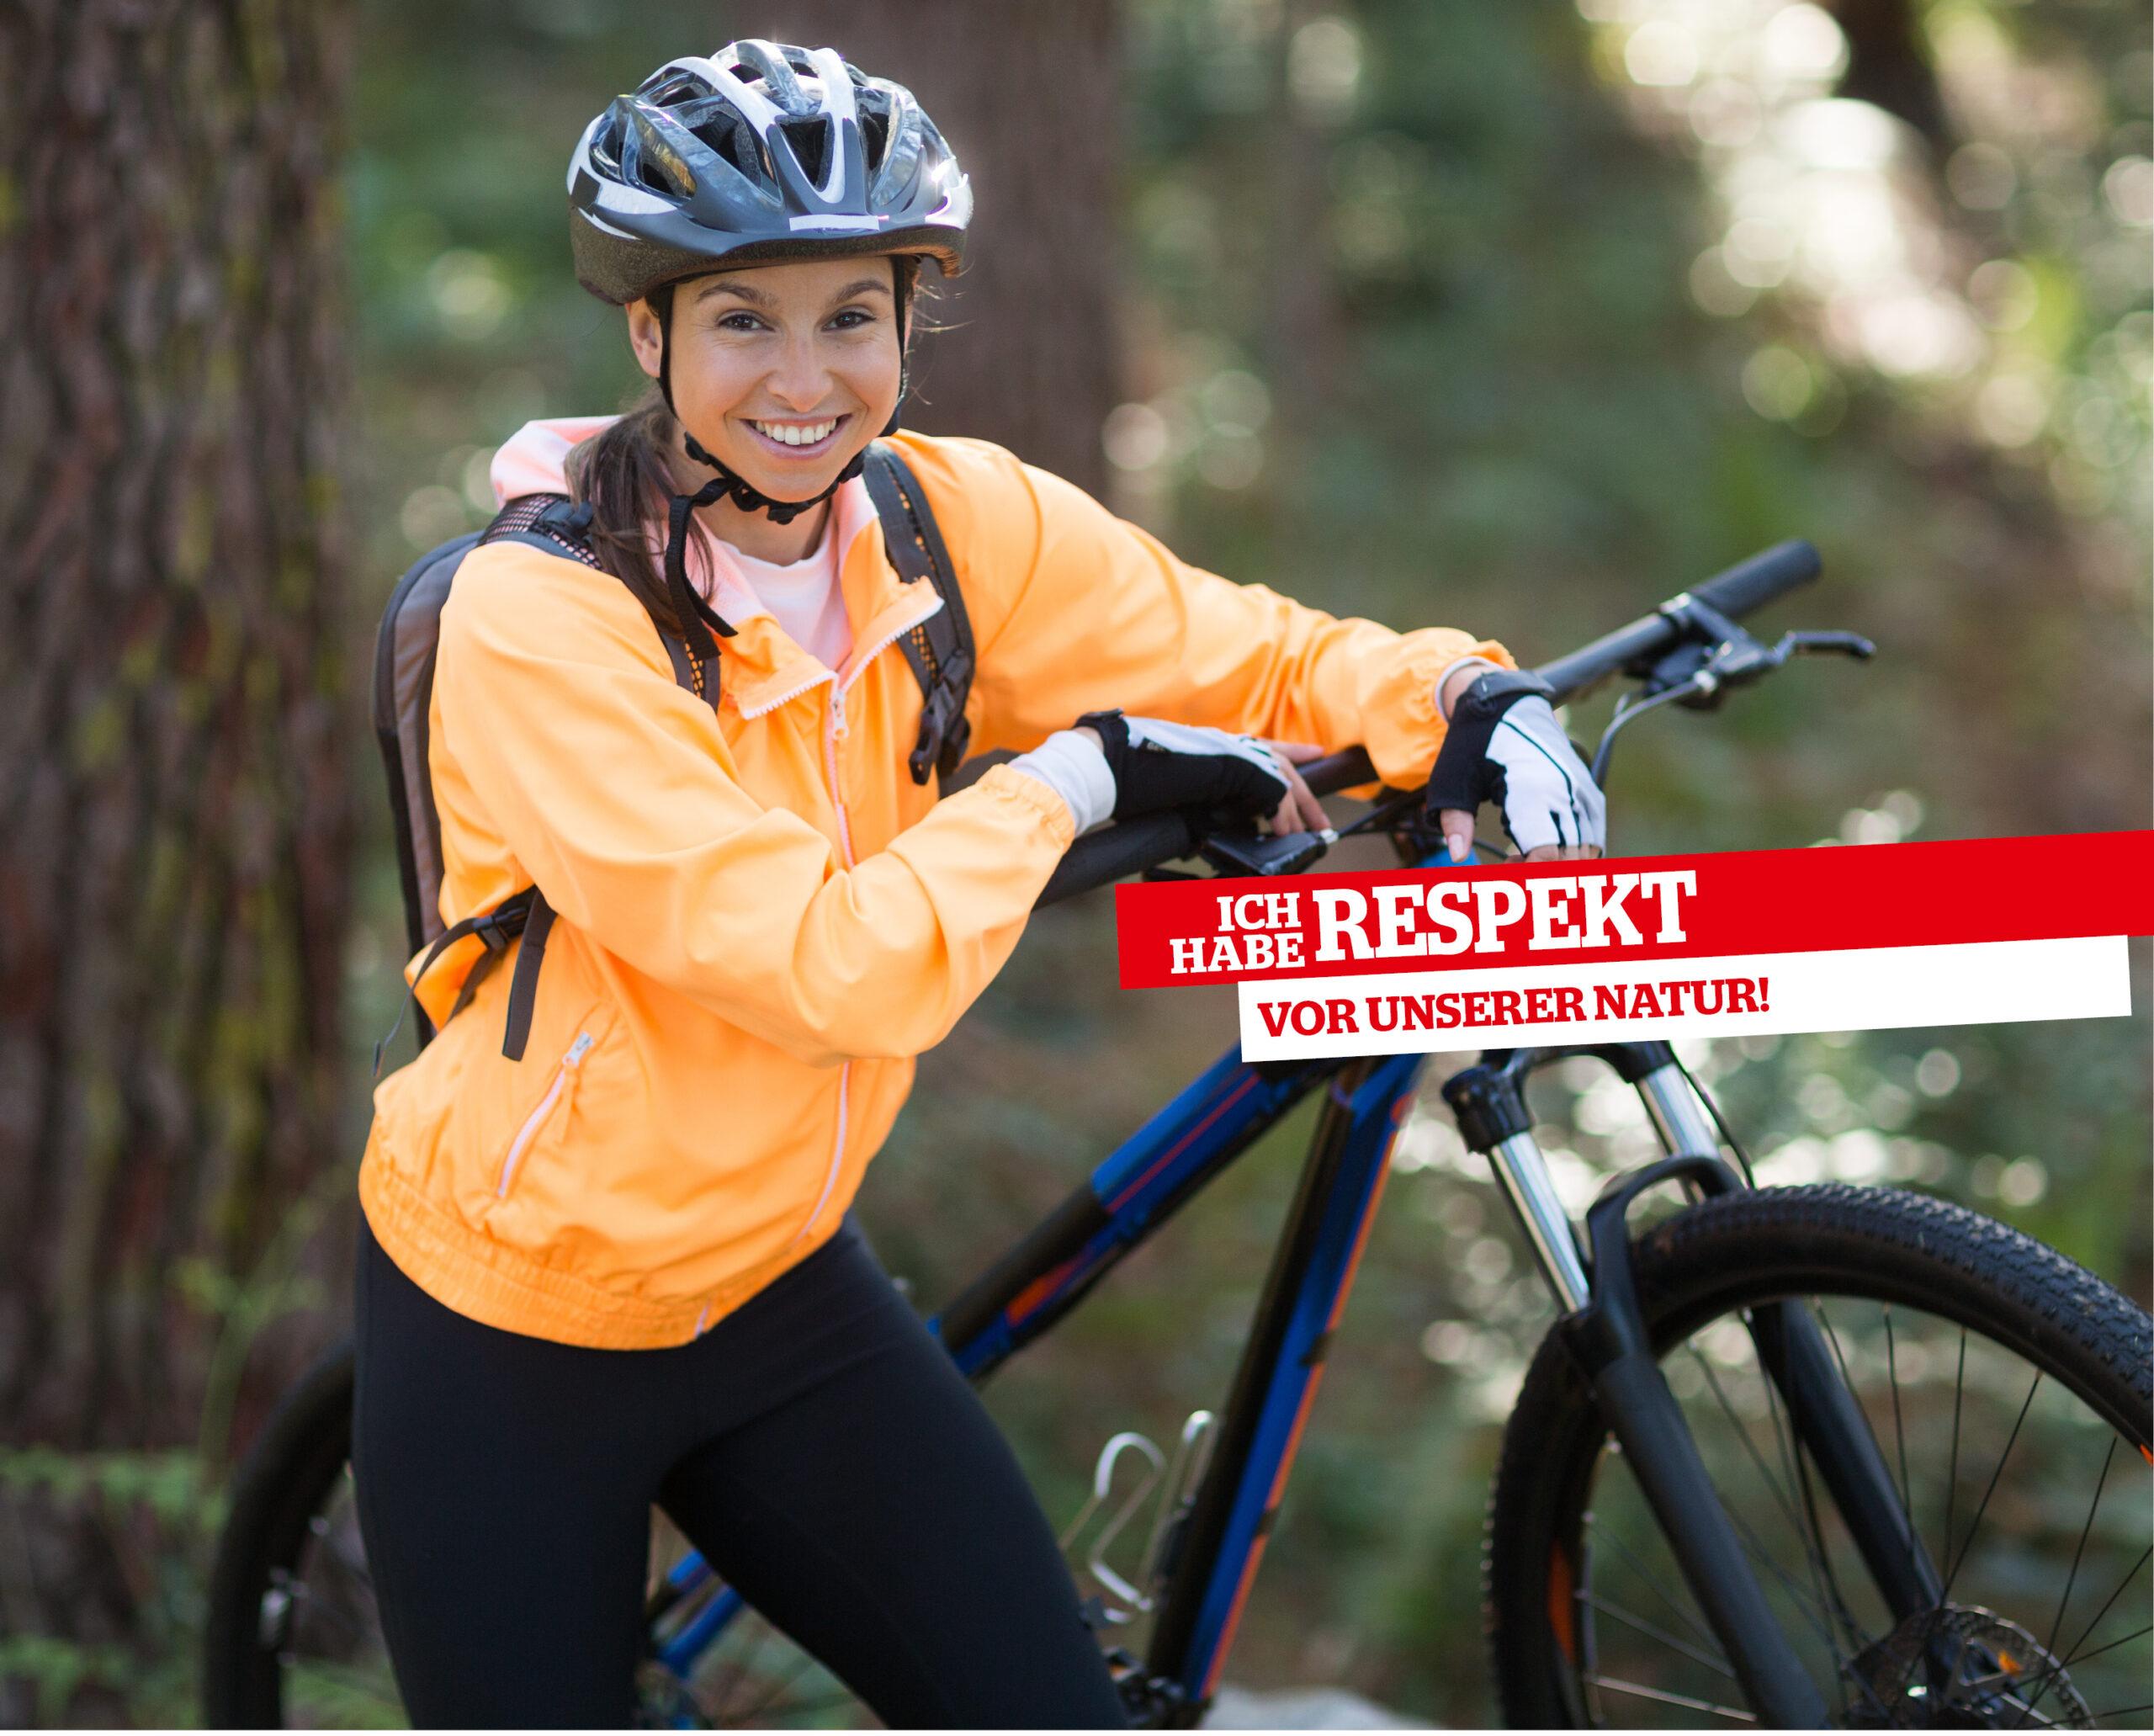 Frau Steht Neben Ihrem Mountainbike Im Wald.